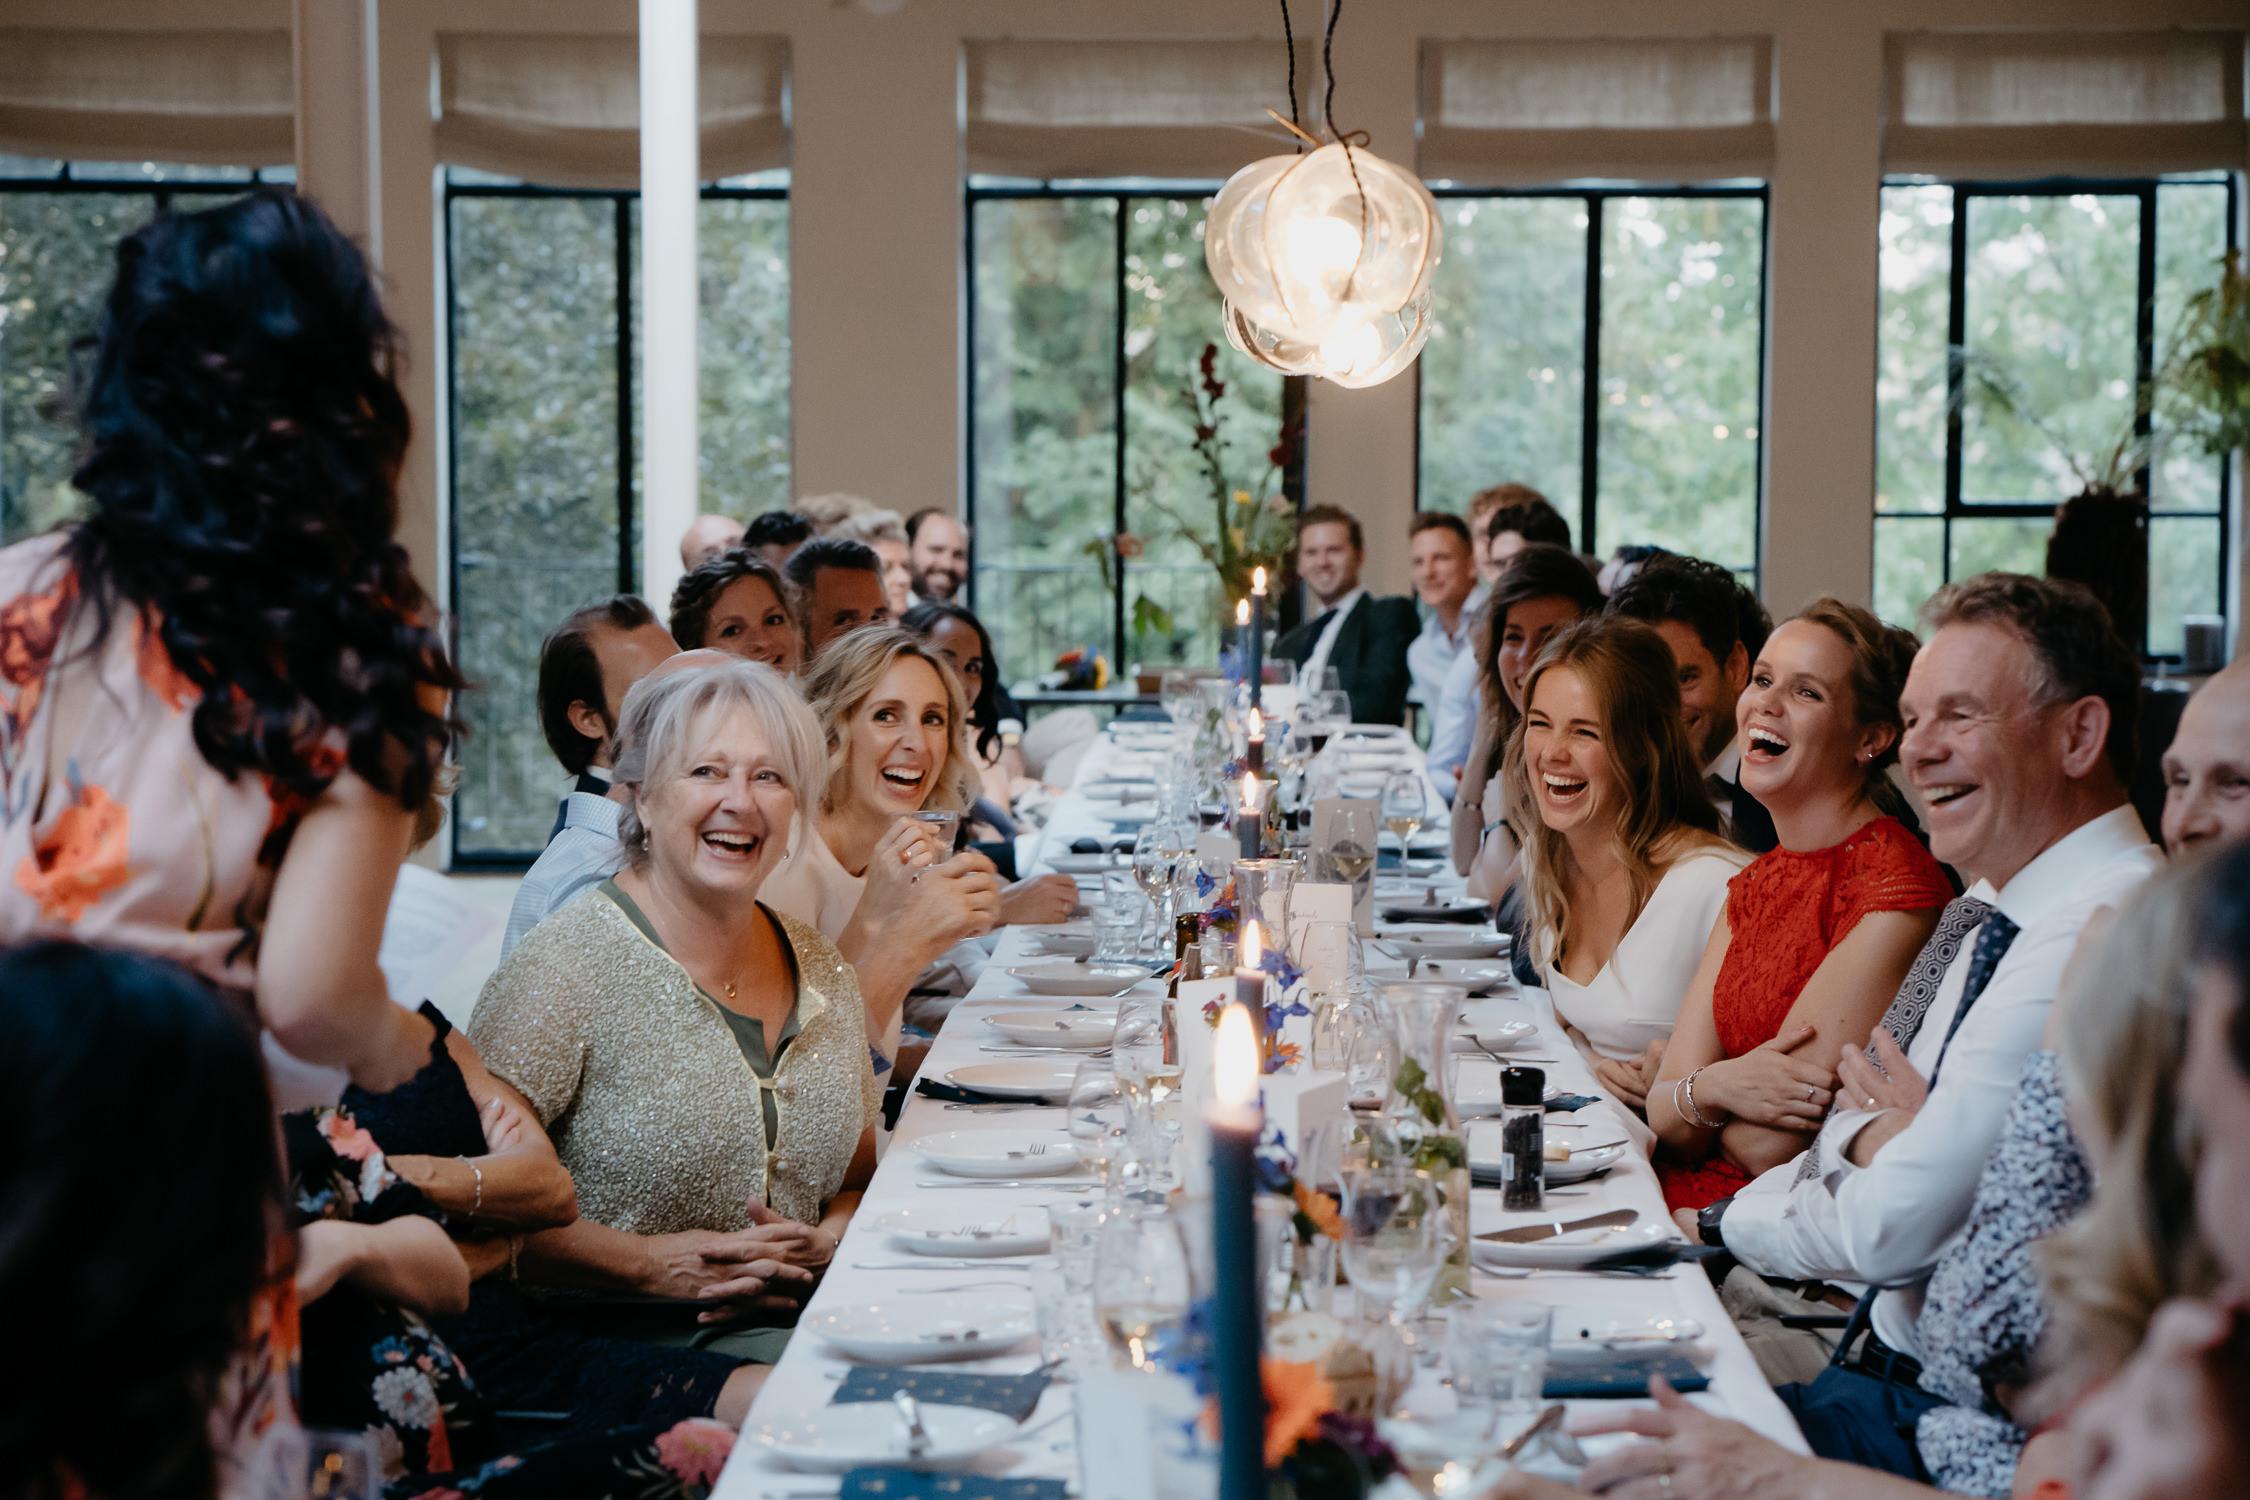 leuke trouw foto's gemaakt door bruiloft fotograaf Mark Hadden